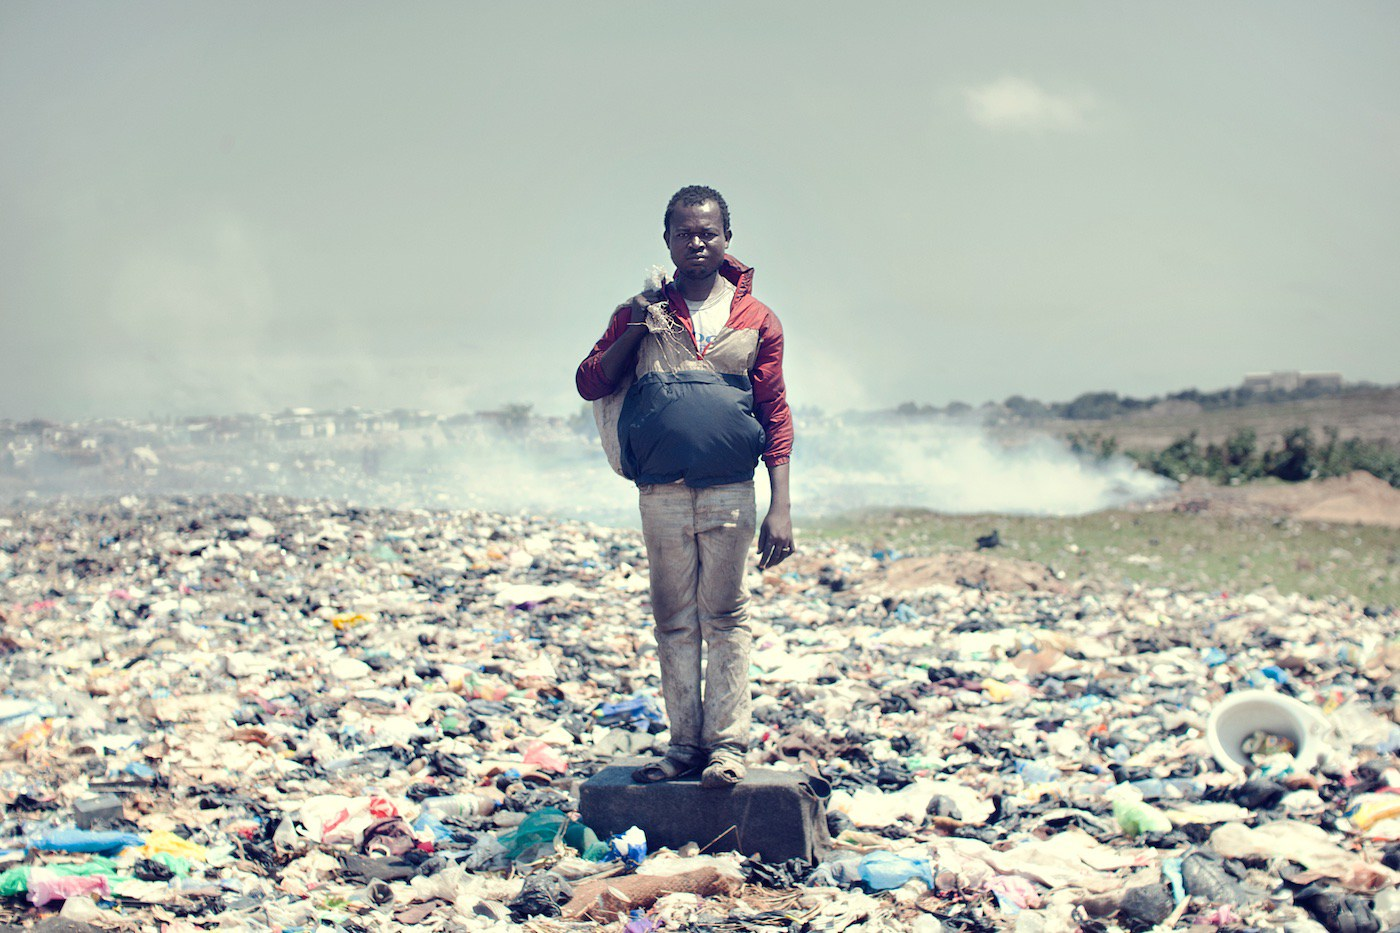 Agbogbloshie_KevinMcElvaney_Accra_e-waste-11